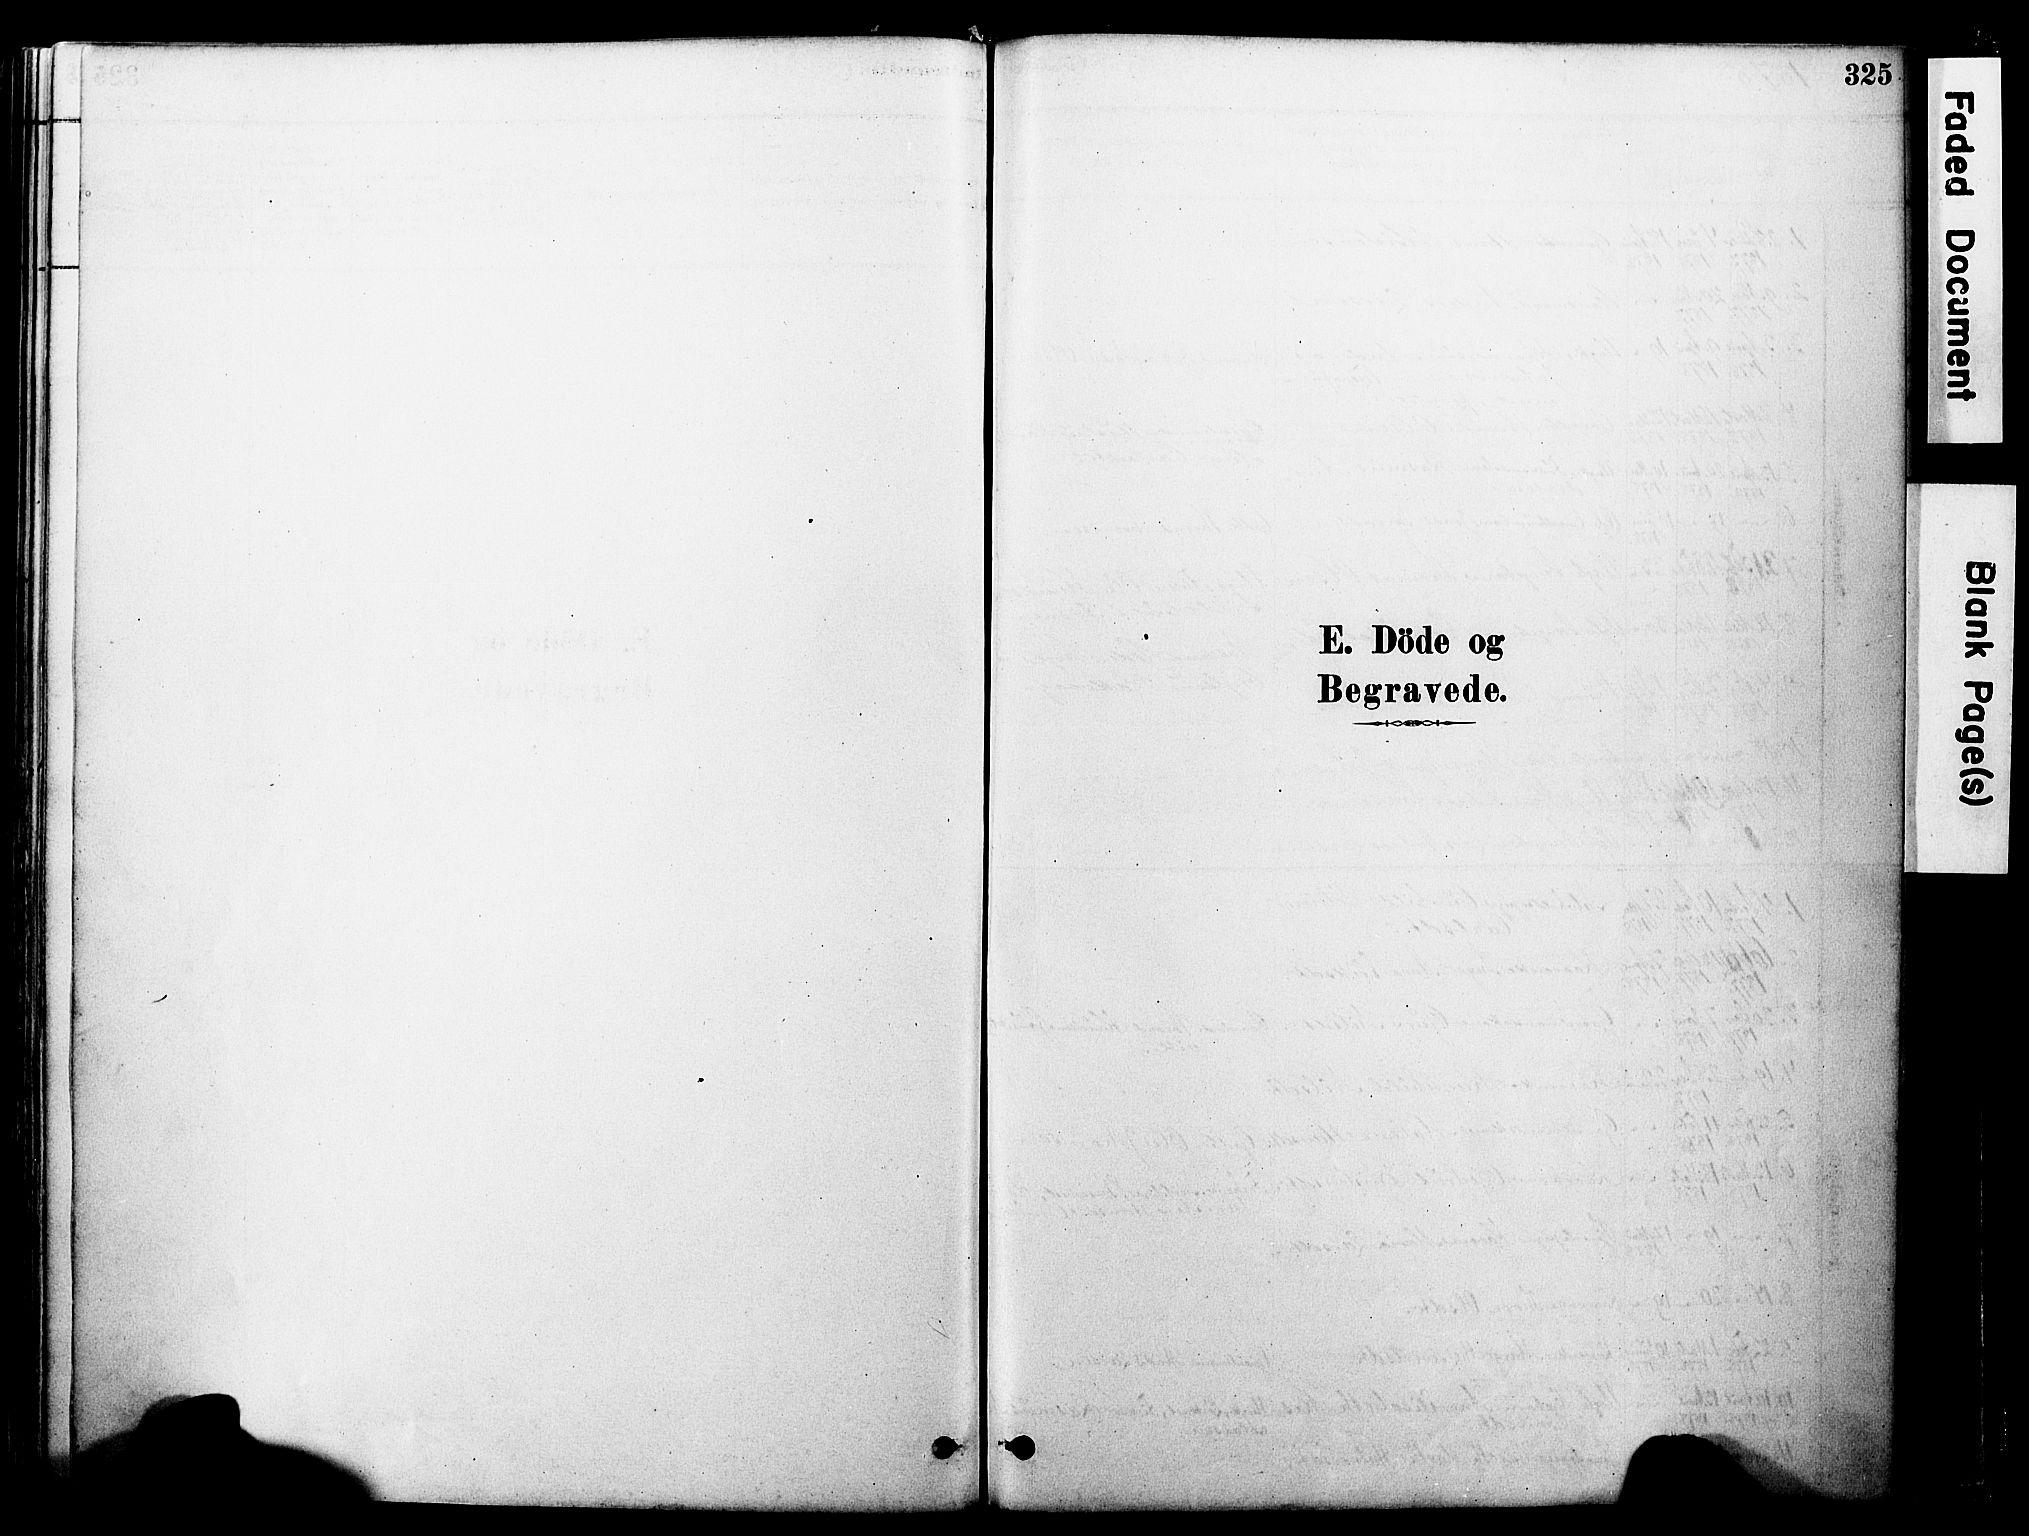 SAT, Ministerialprotokoller, klokkerbøker og fødselsregistre - Møre og Romsdal, 560/L0721: Parish register (official) no. 560A05, 1878-1917, p. 325